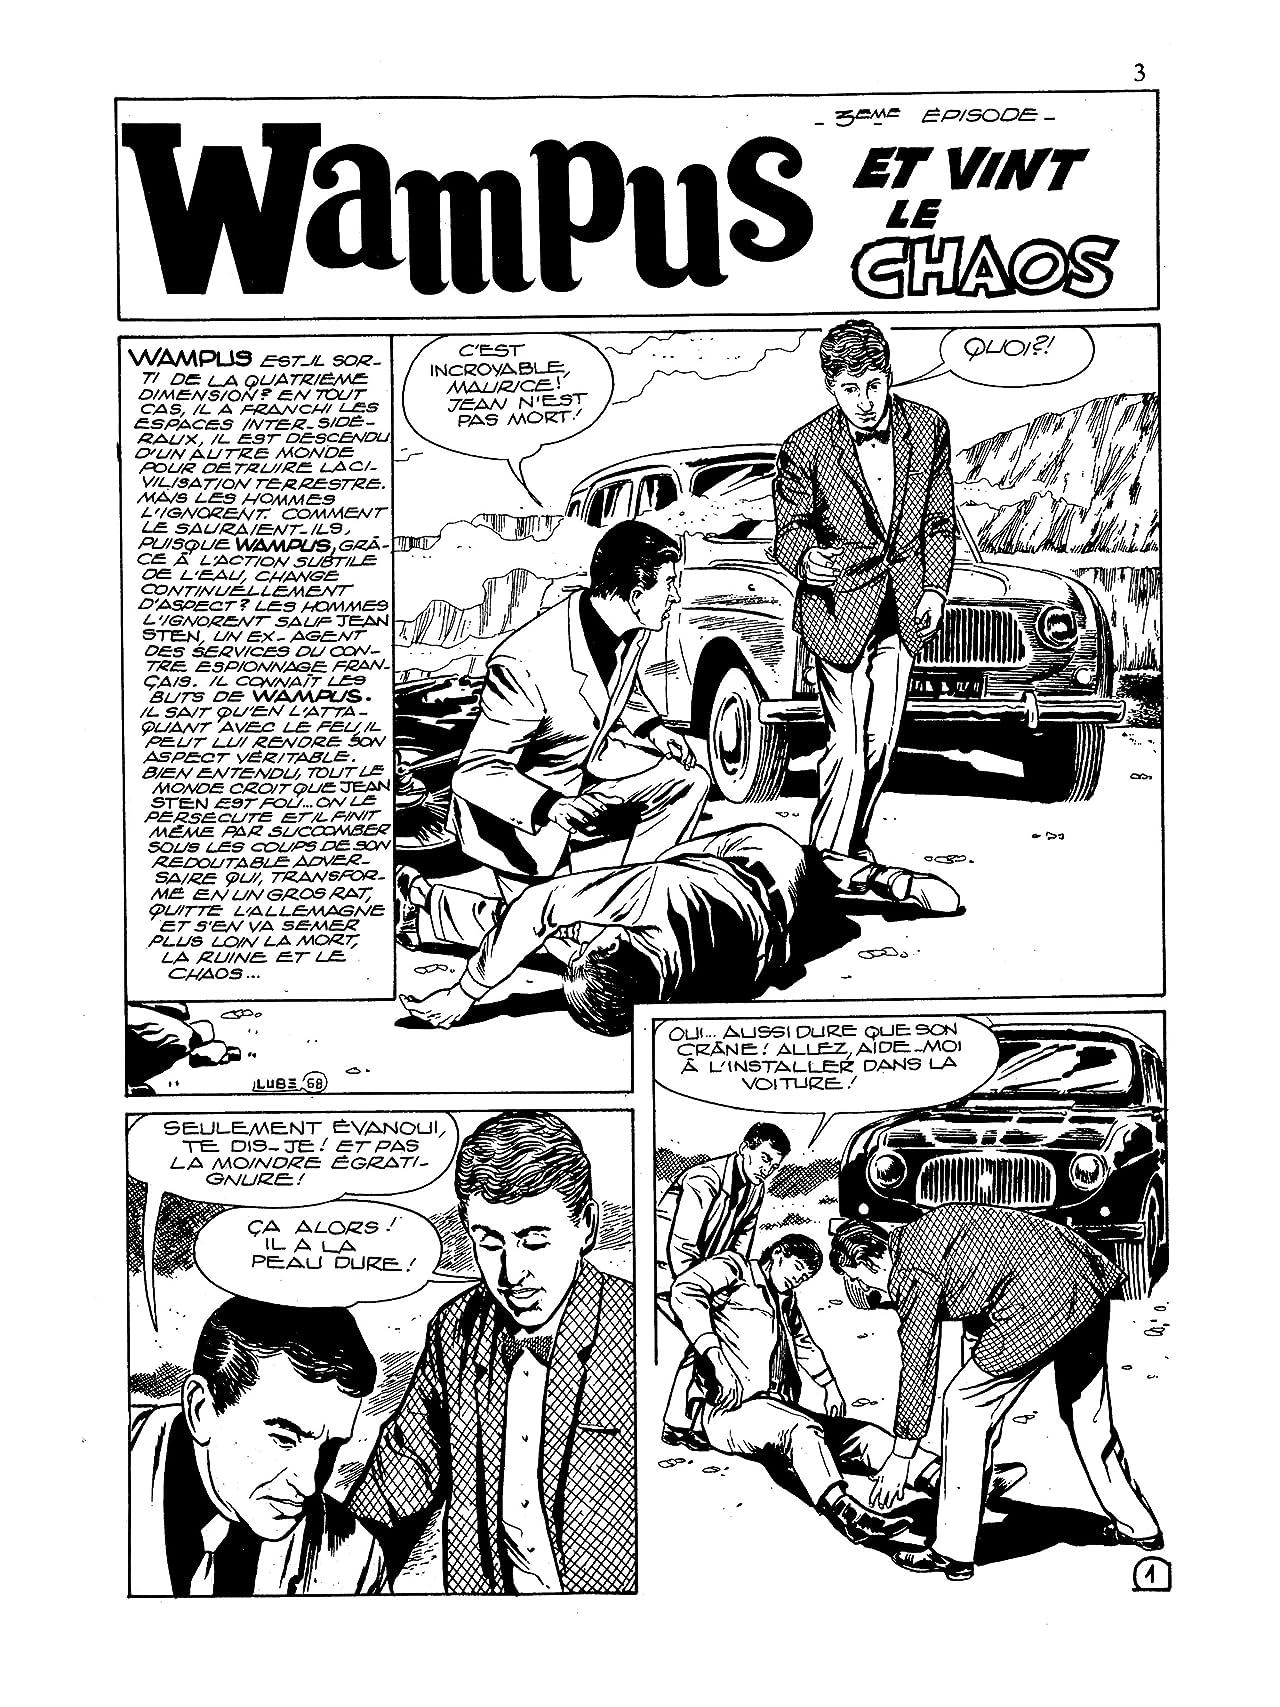 WAMPUS Vol. 3: Et vint le chaos...